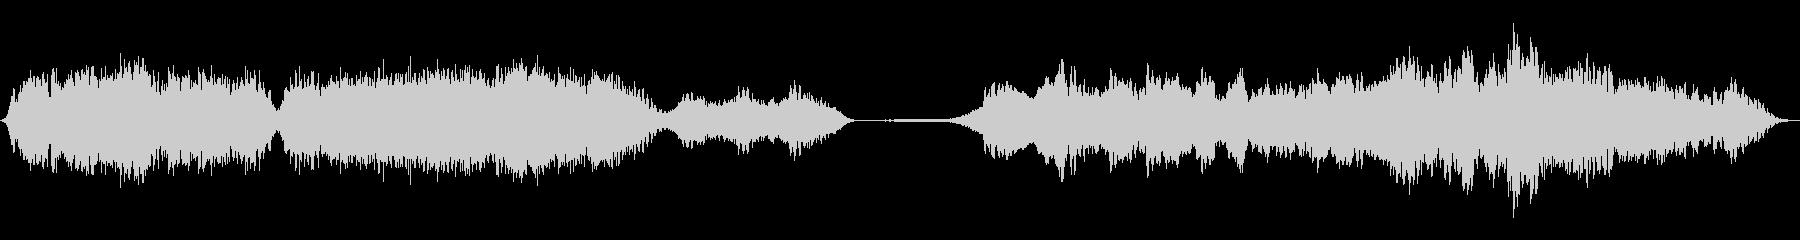 ハウリングモンスター、SCI FI...の未再生の波形